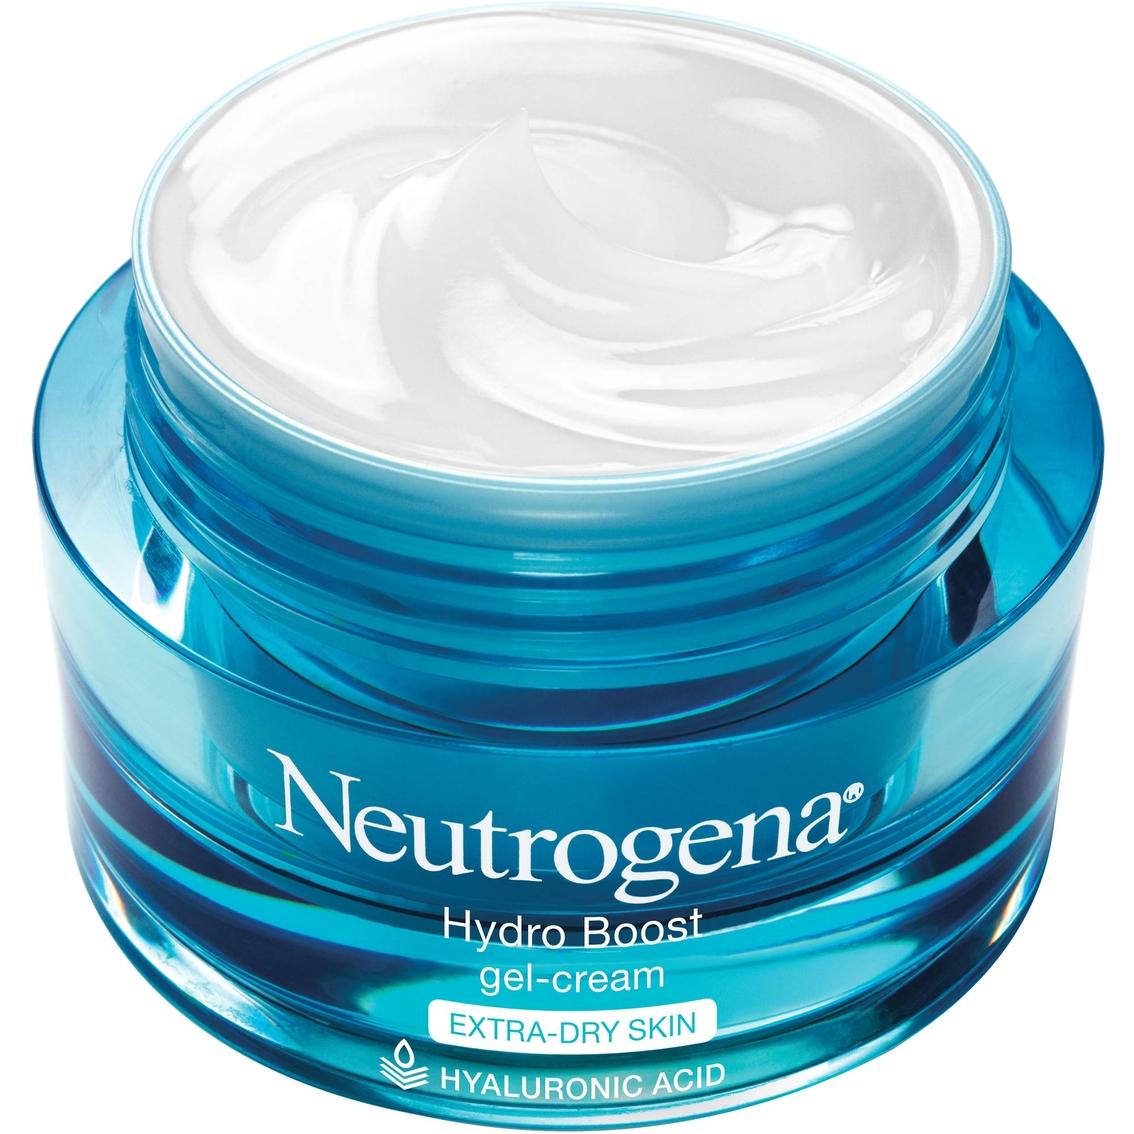 Neutrogena Hydro Boost Gel-cream Extra-dry   Moisturizers   Beauty ...